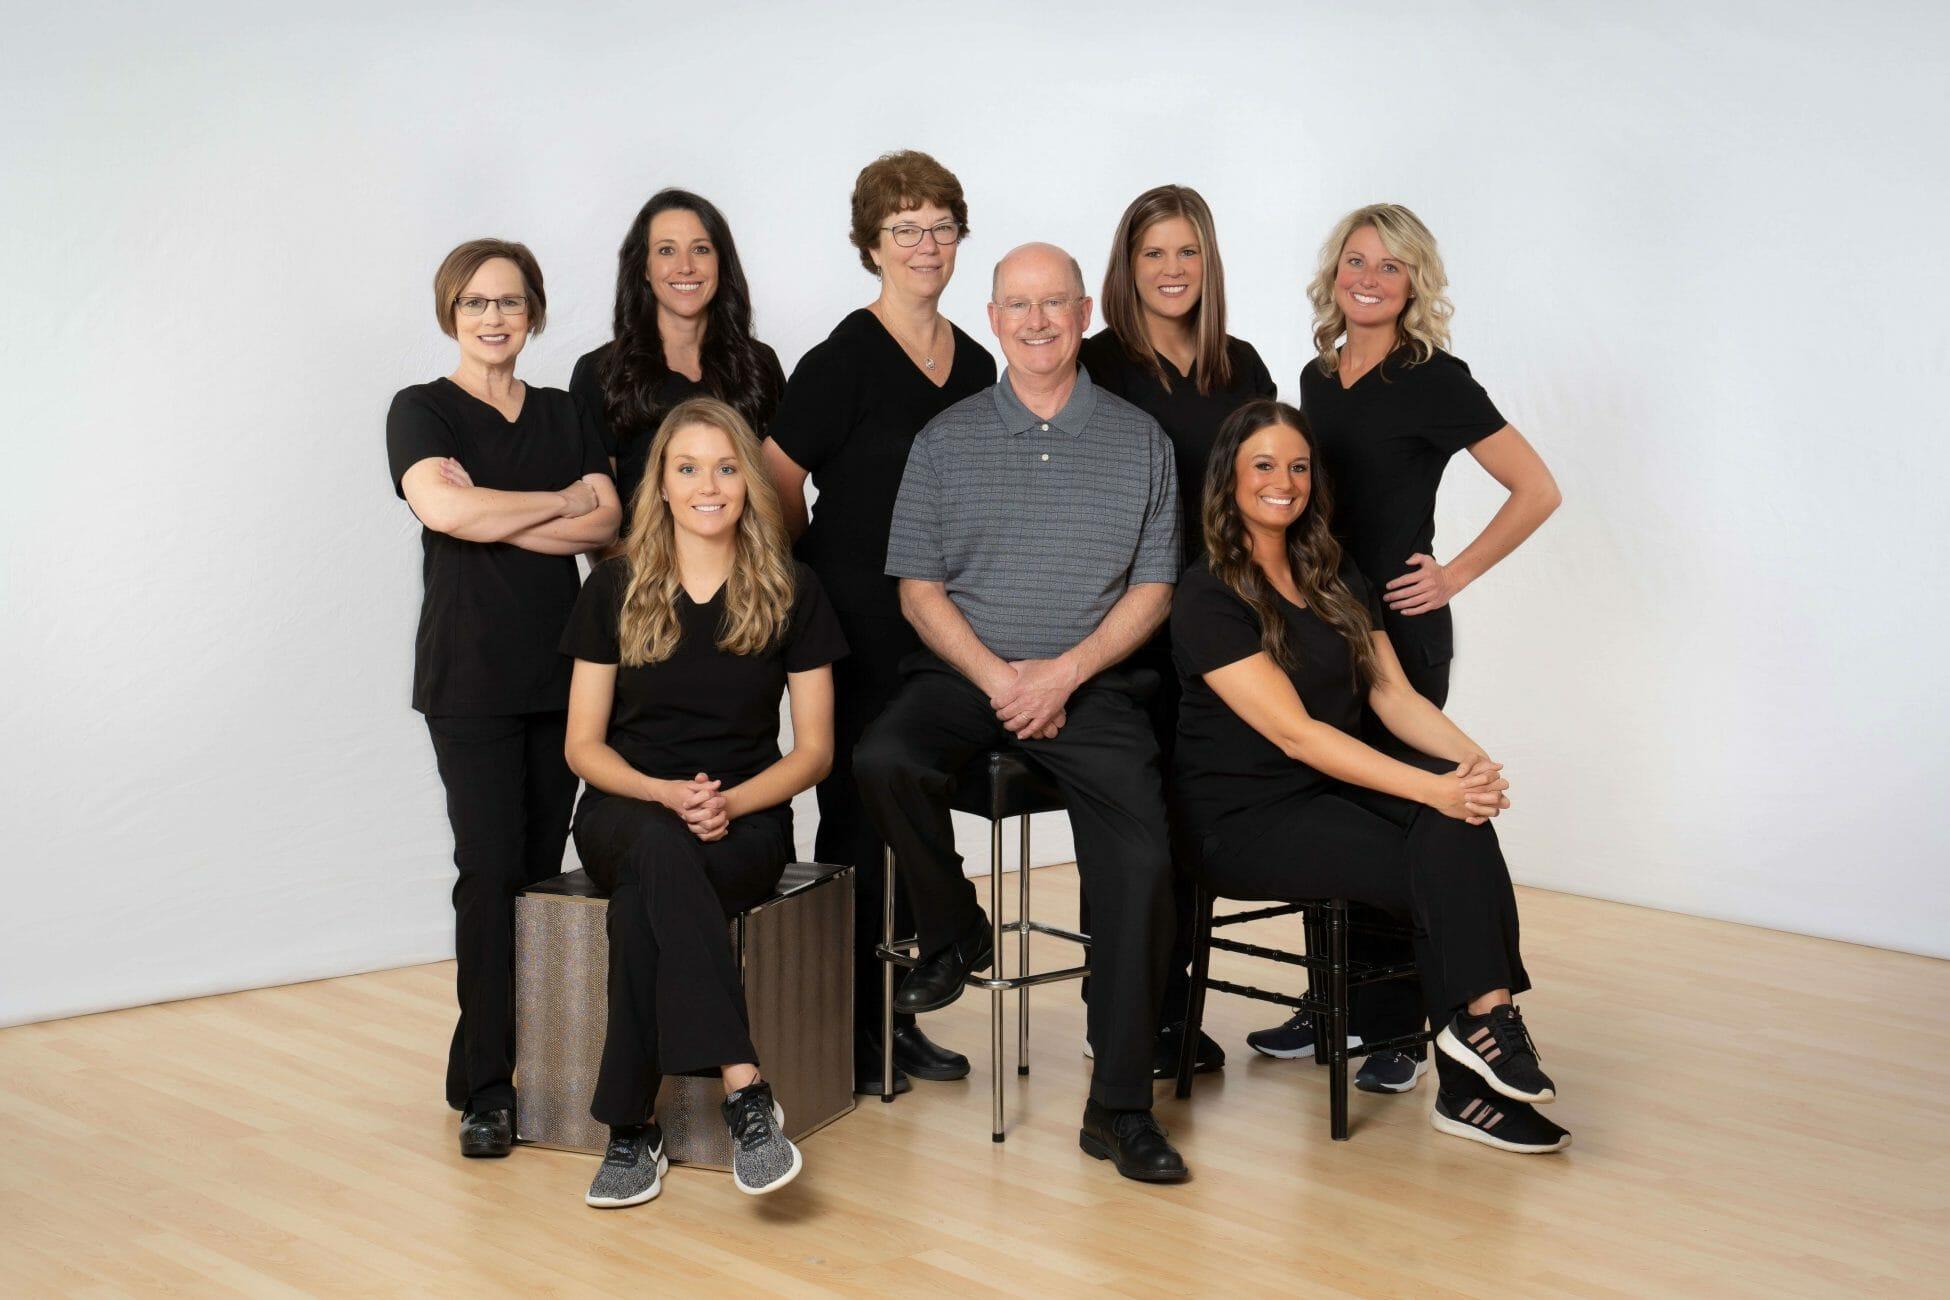 Jeffery R. Van Treese, DDS Dental Team